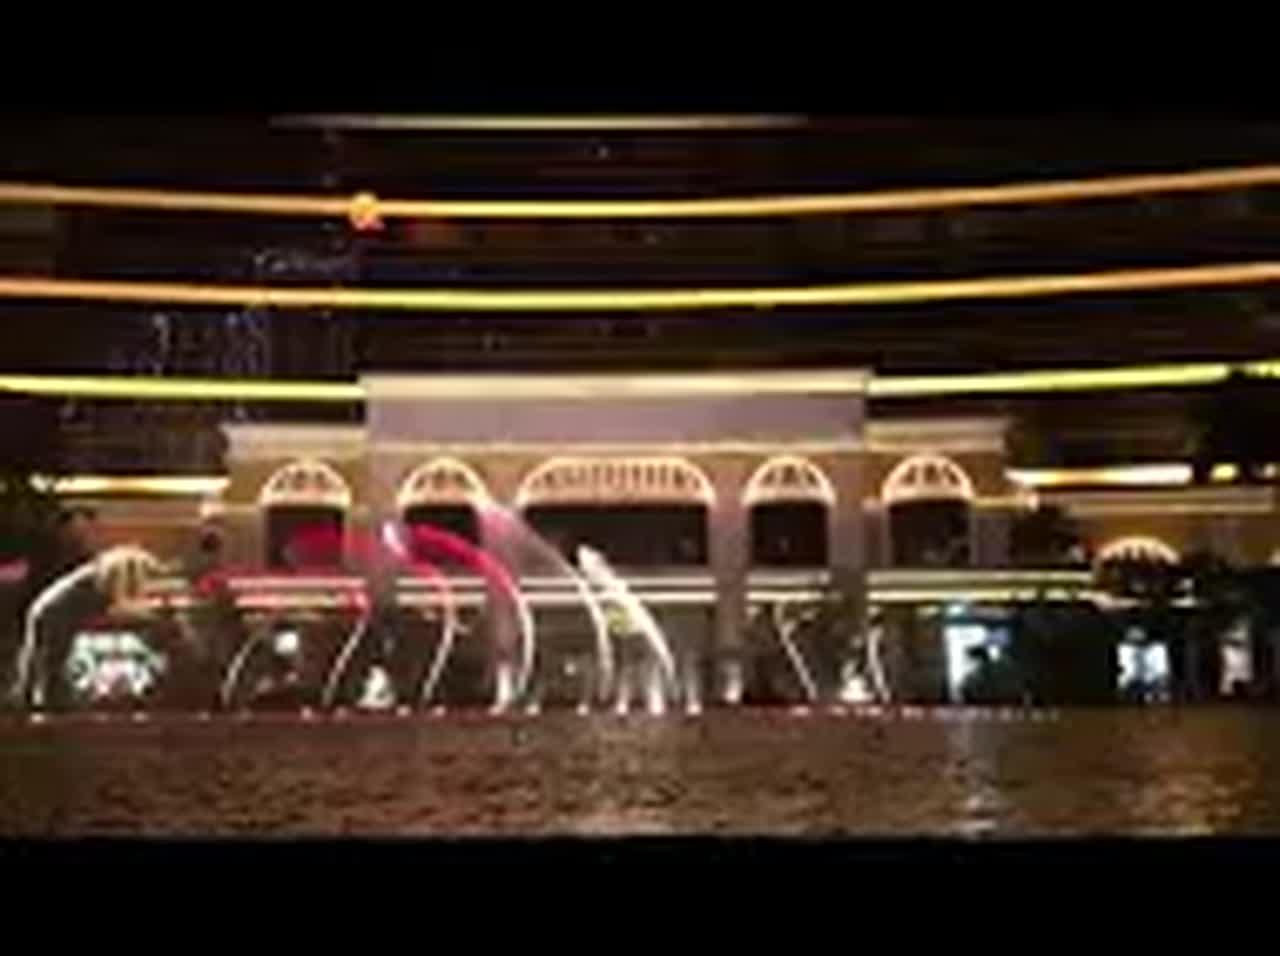 大三巴牌坊逛累了的話,附近也有非常多美味的小吃,之後也可以前往永利酒店觀賞水舞秀,是免費的喔!!!